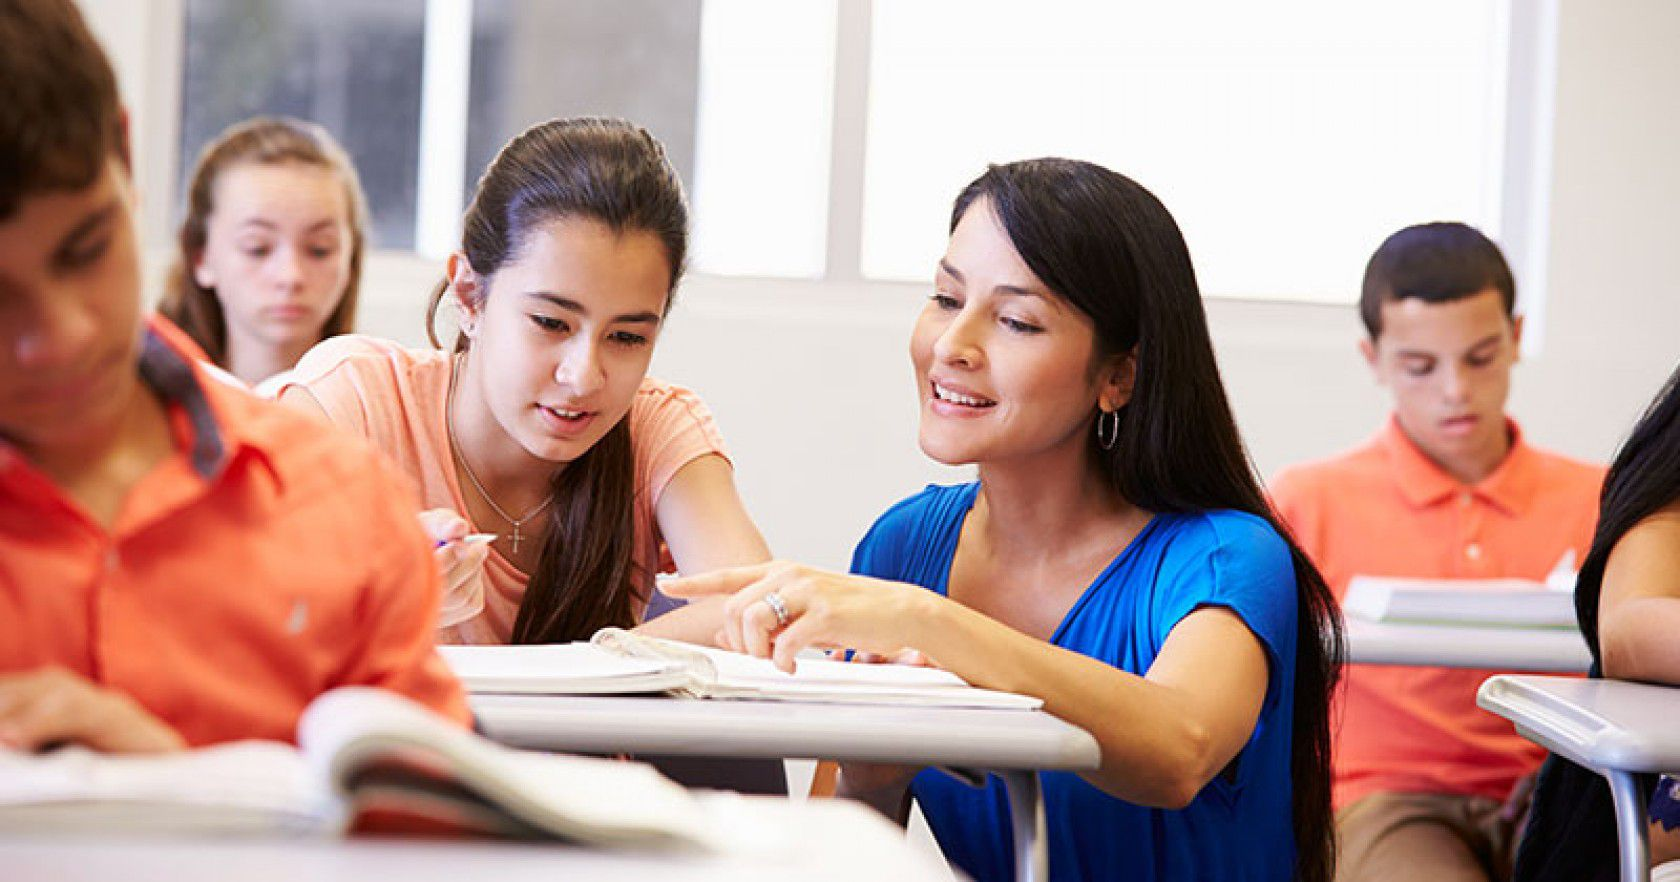 Avrupa'da ortaokul eğitimi almak isteyenleri bekleyen süreçler